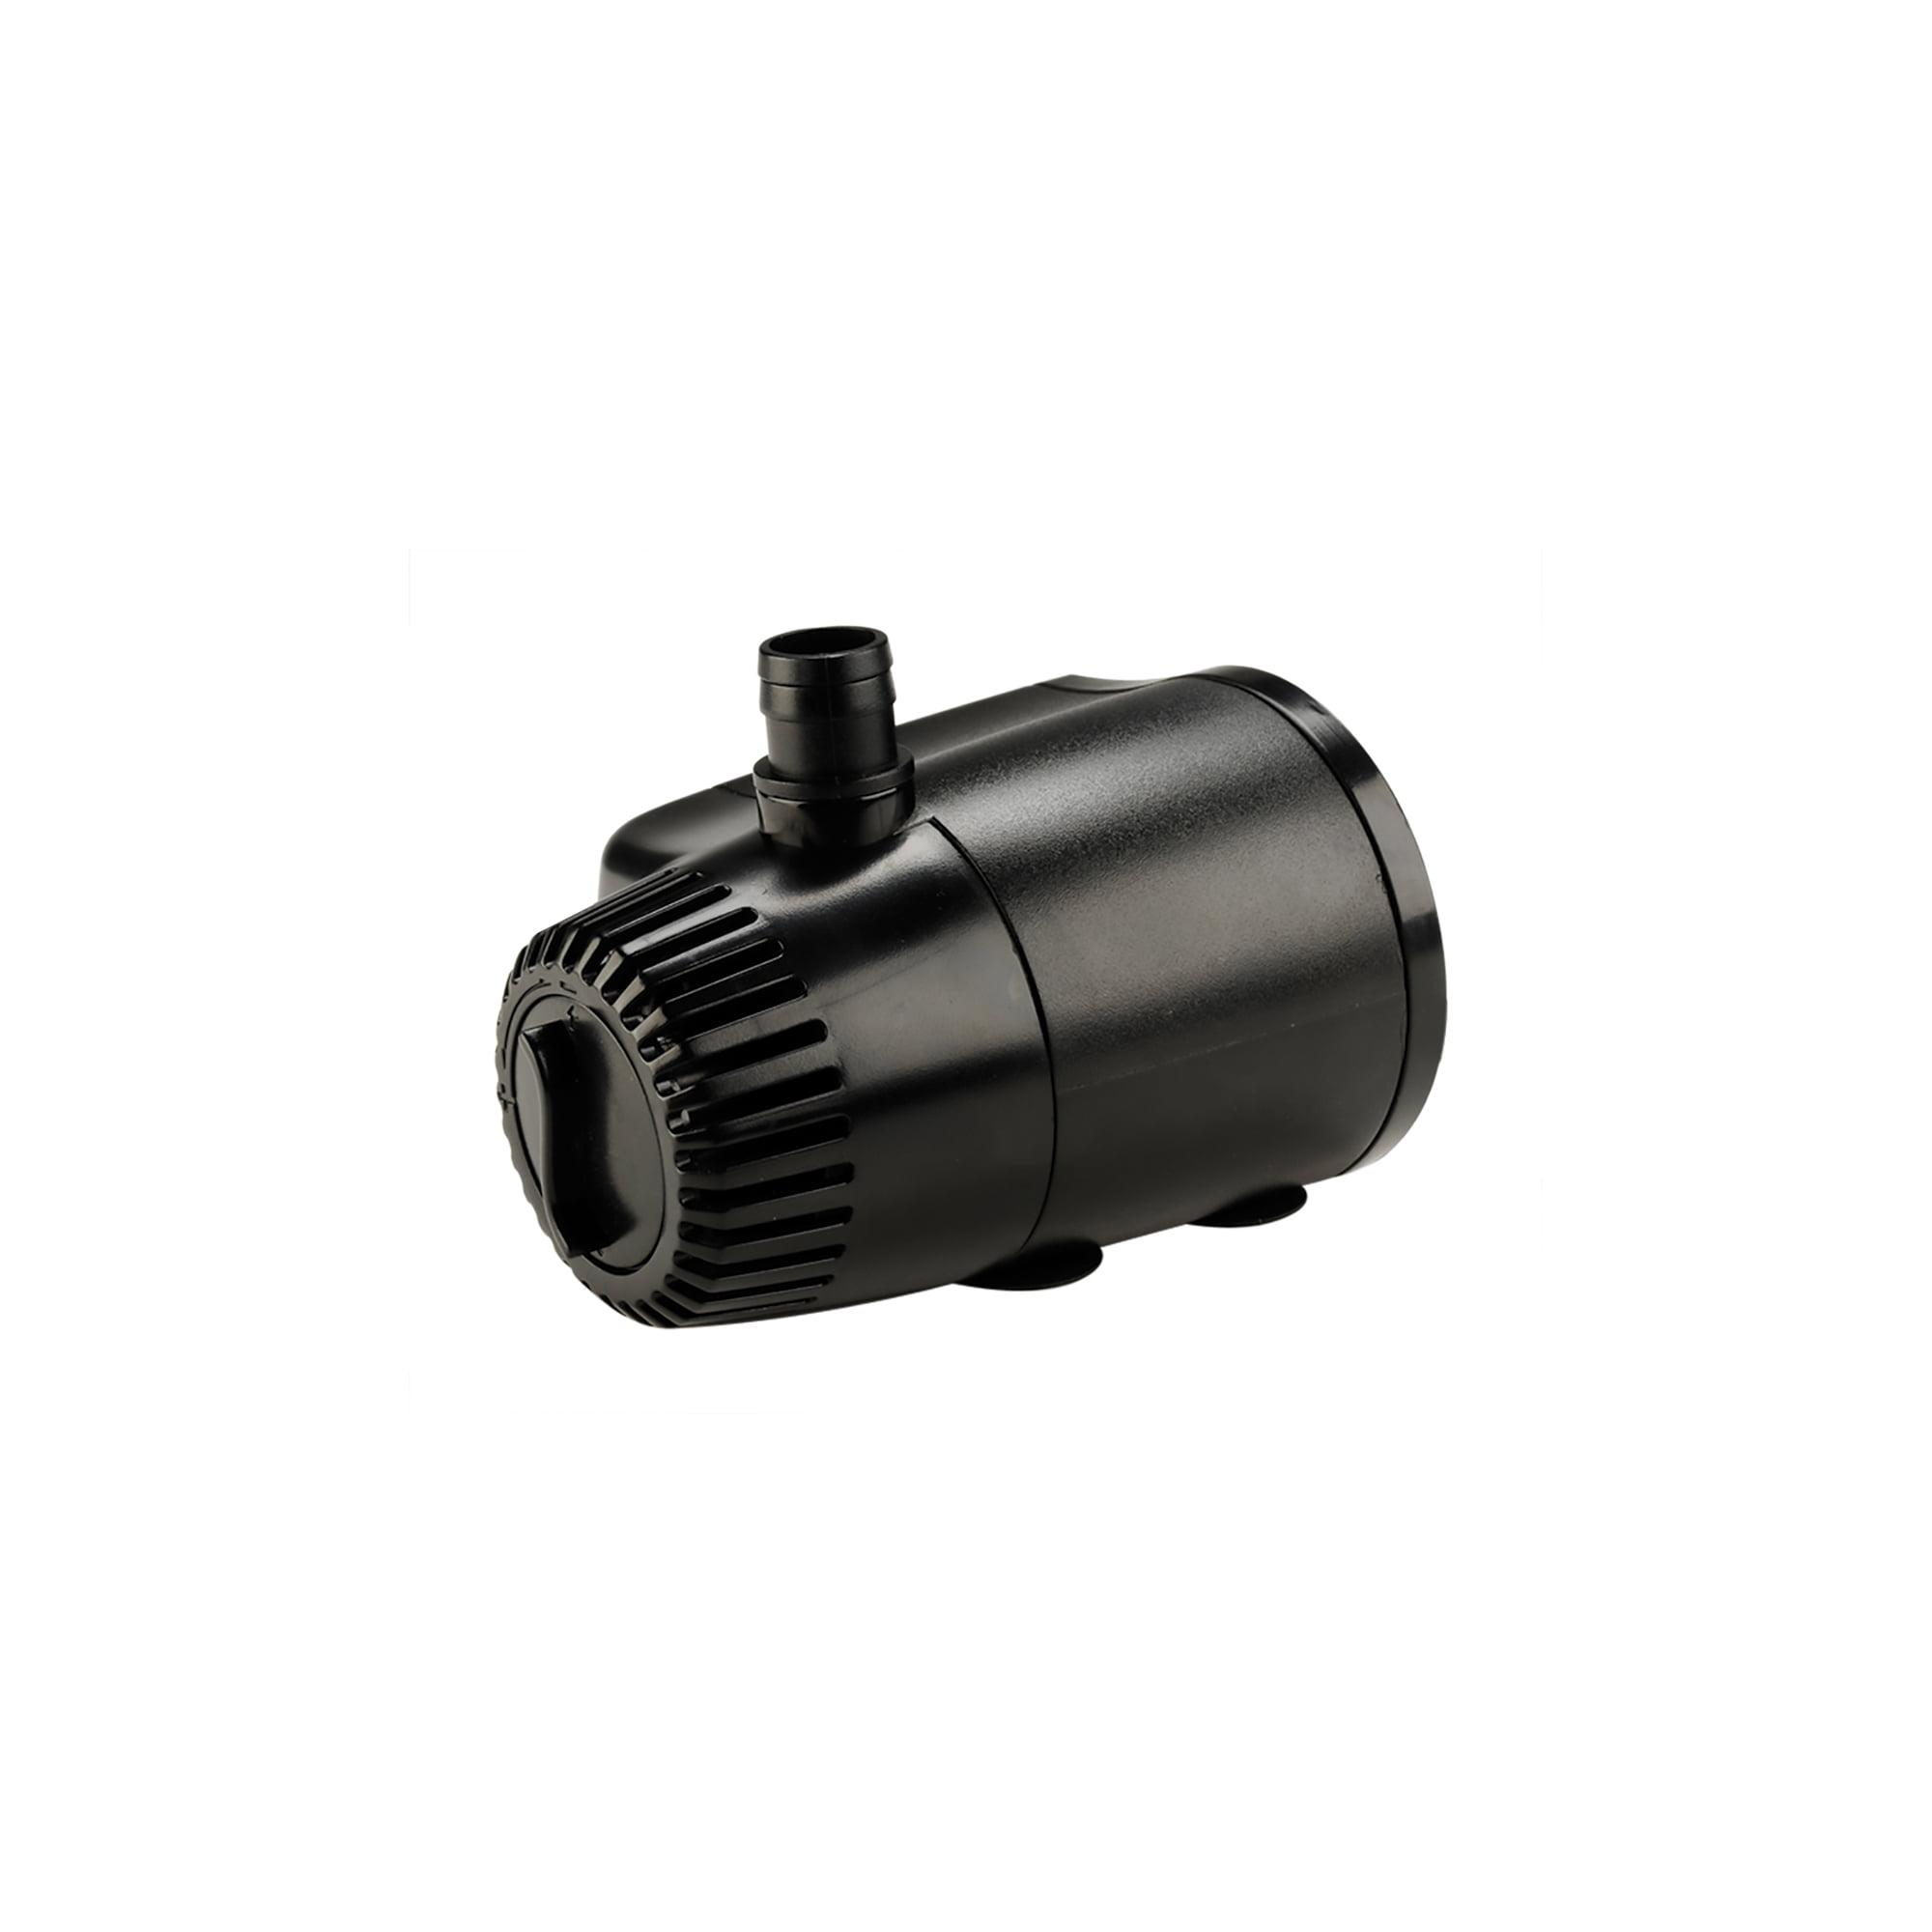 419 GPH Auto Shut-off Fountain Pump